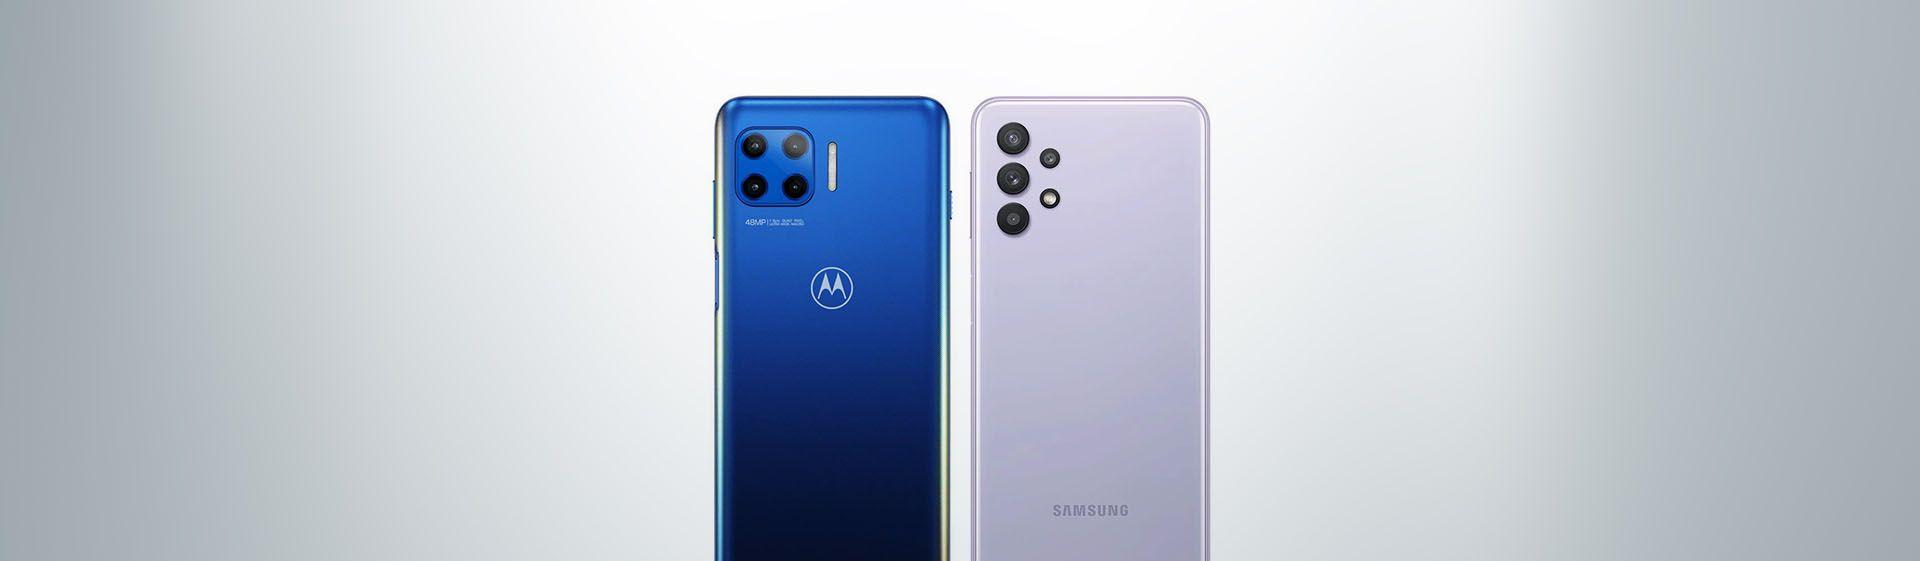 Moto G 5G Plus vs Galaxy A32 5G: comparamos o Motorola e o Samsung